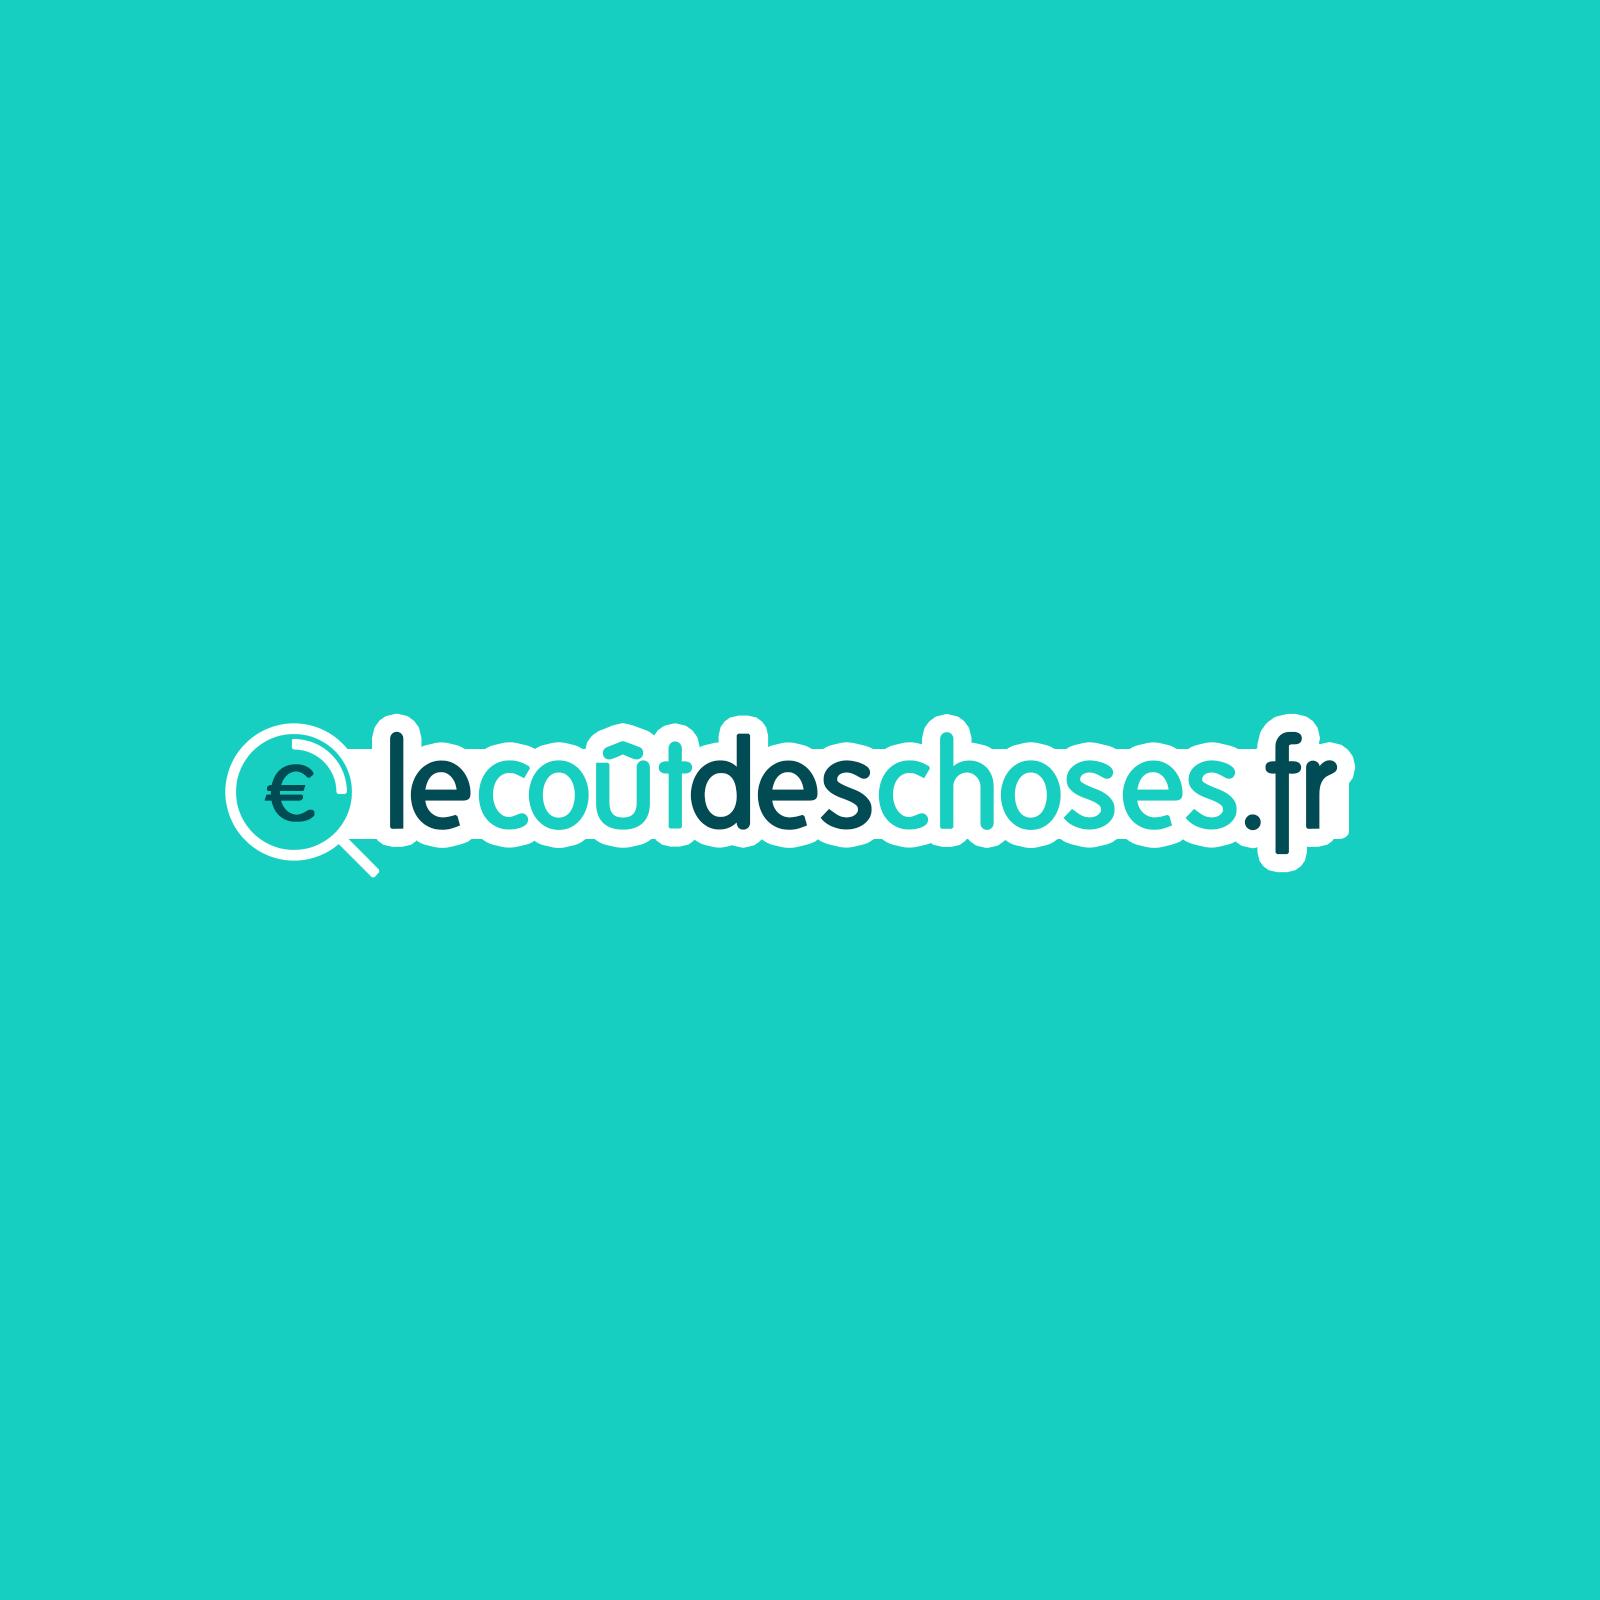 lecoutdeschoses-logo